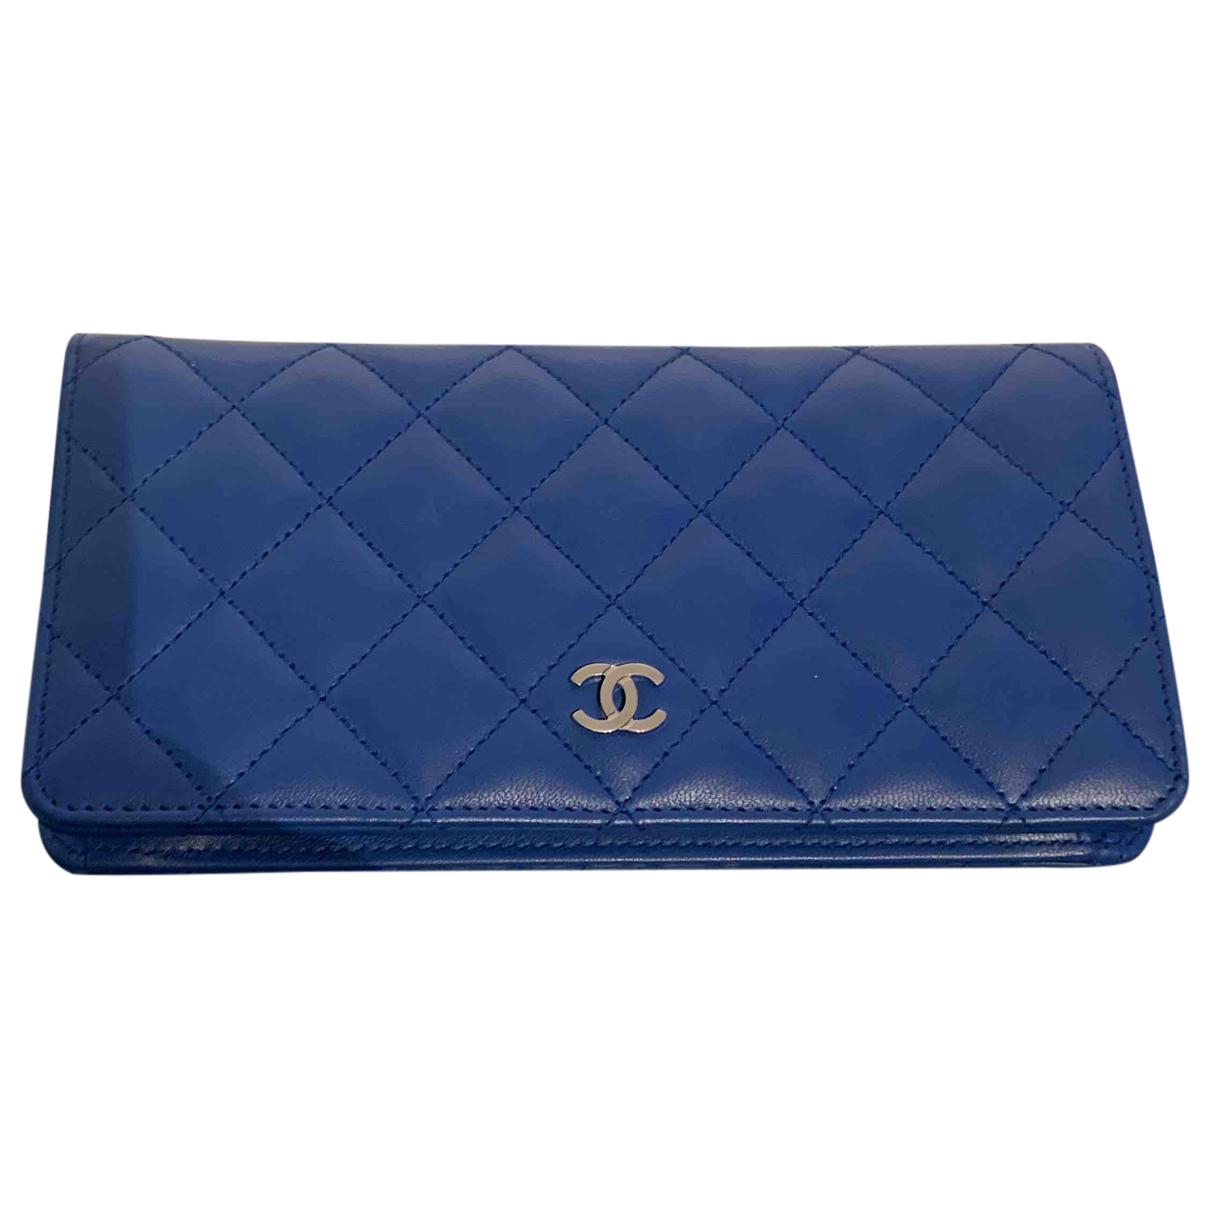 Chanel - Portefeuille Timeless/Classique pour femme en cuir - bleu